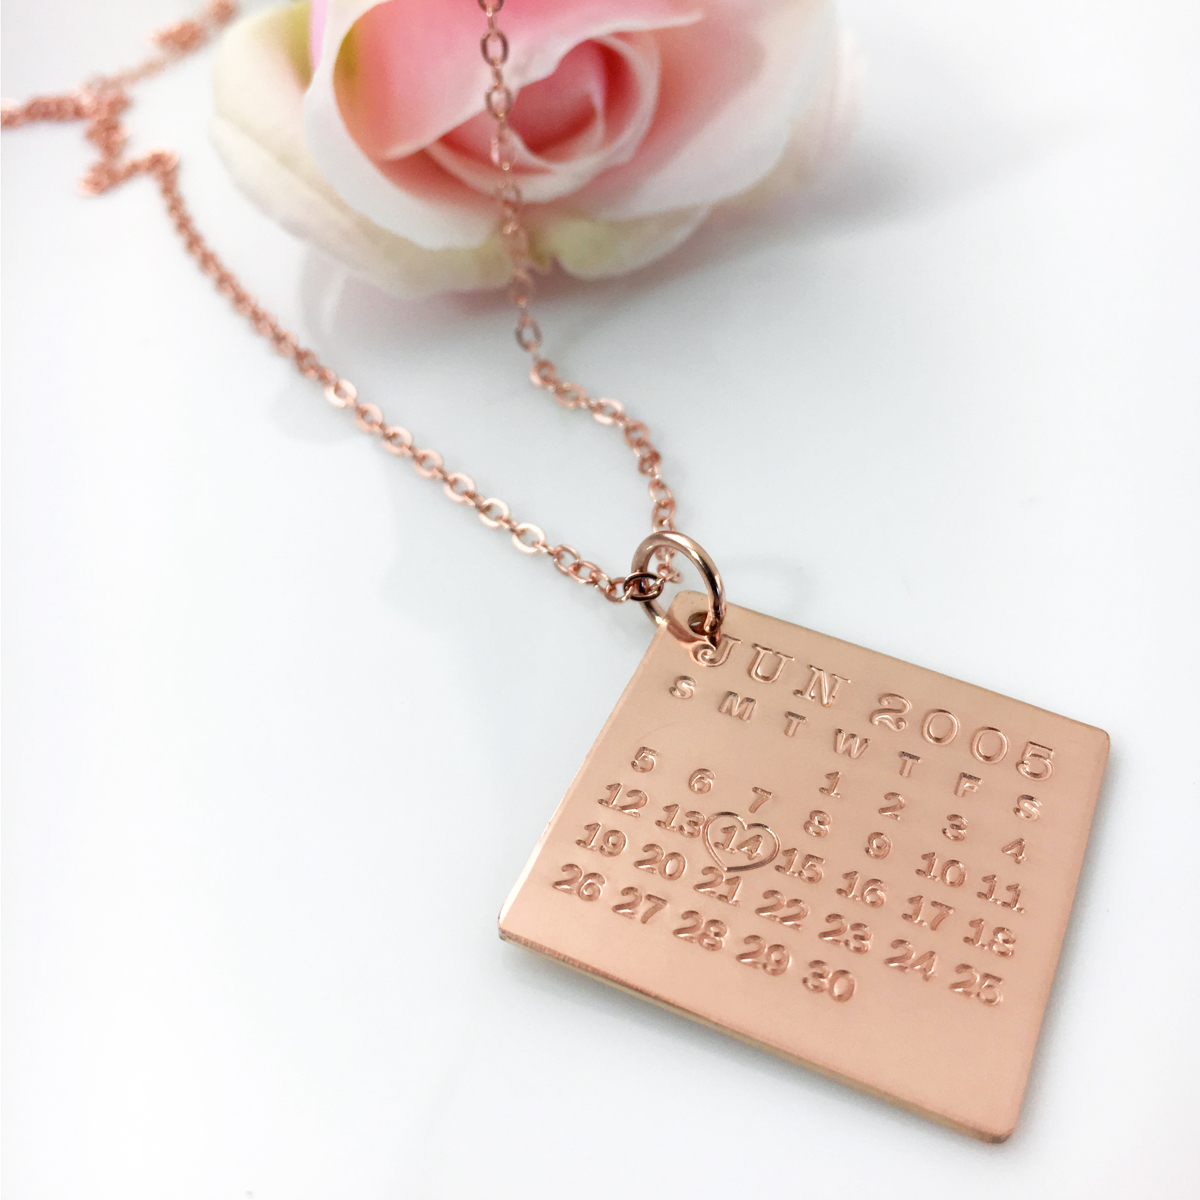 Mark Your Calendar Necklace - Rose Gold Filled